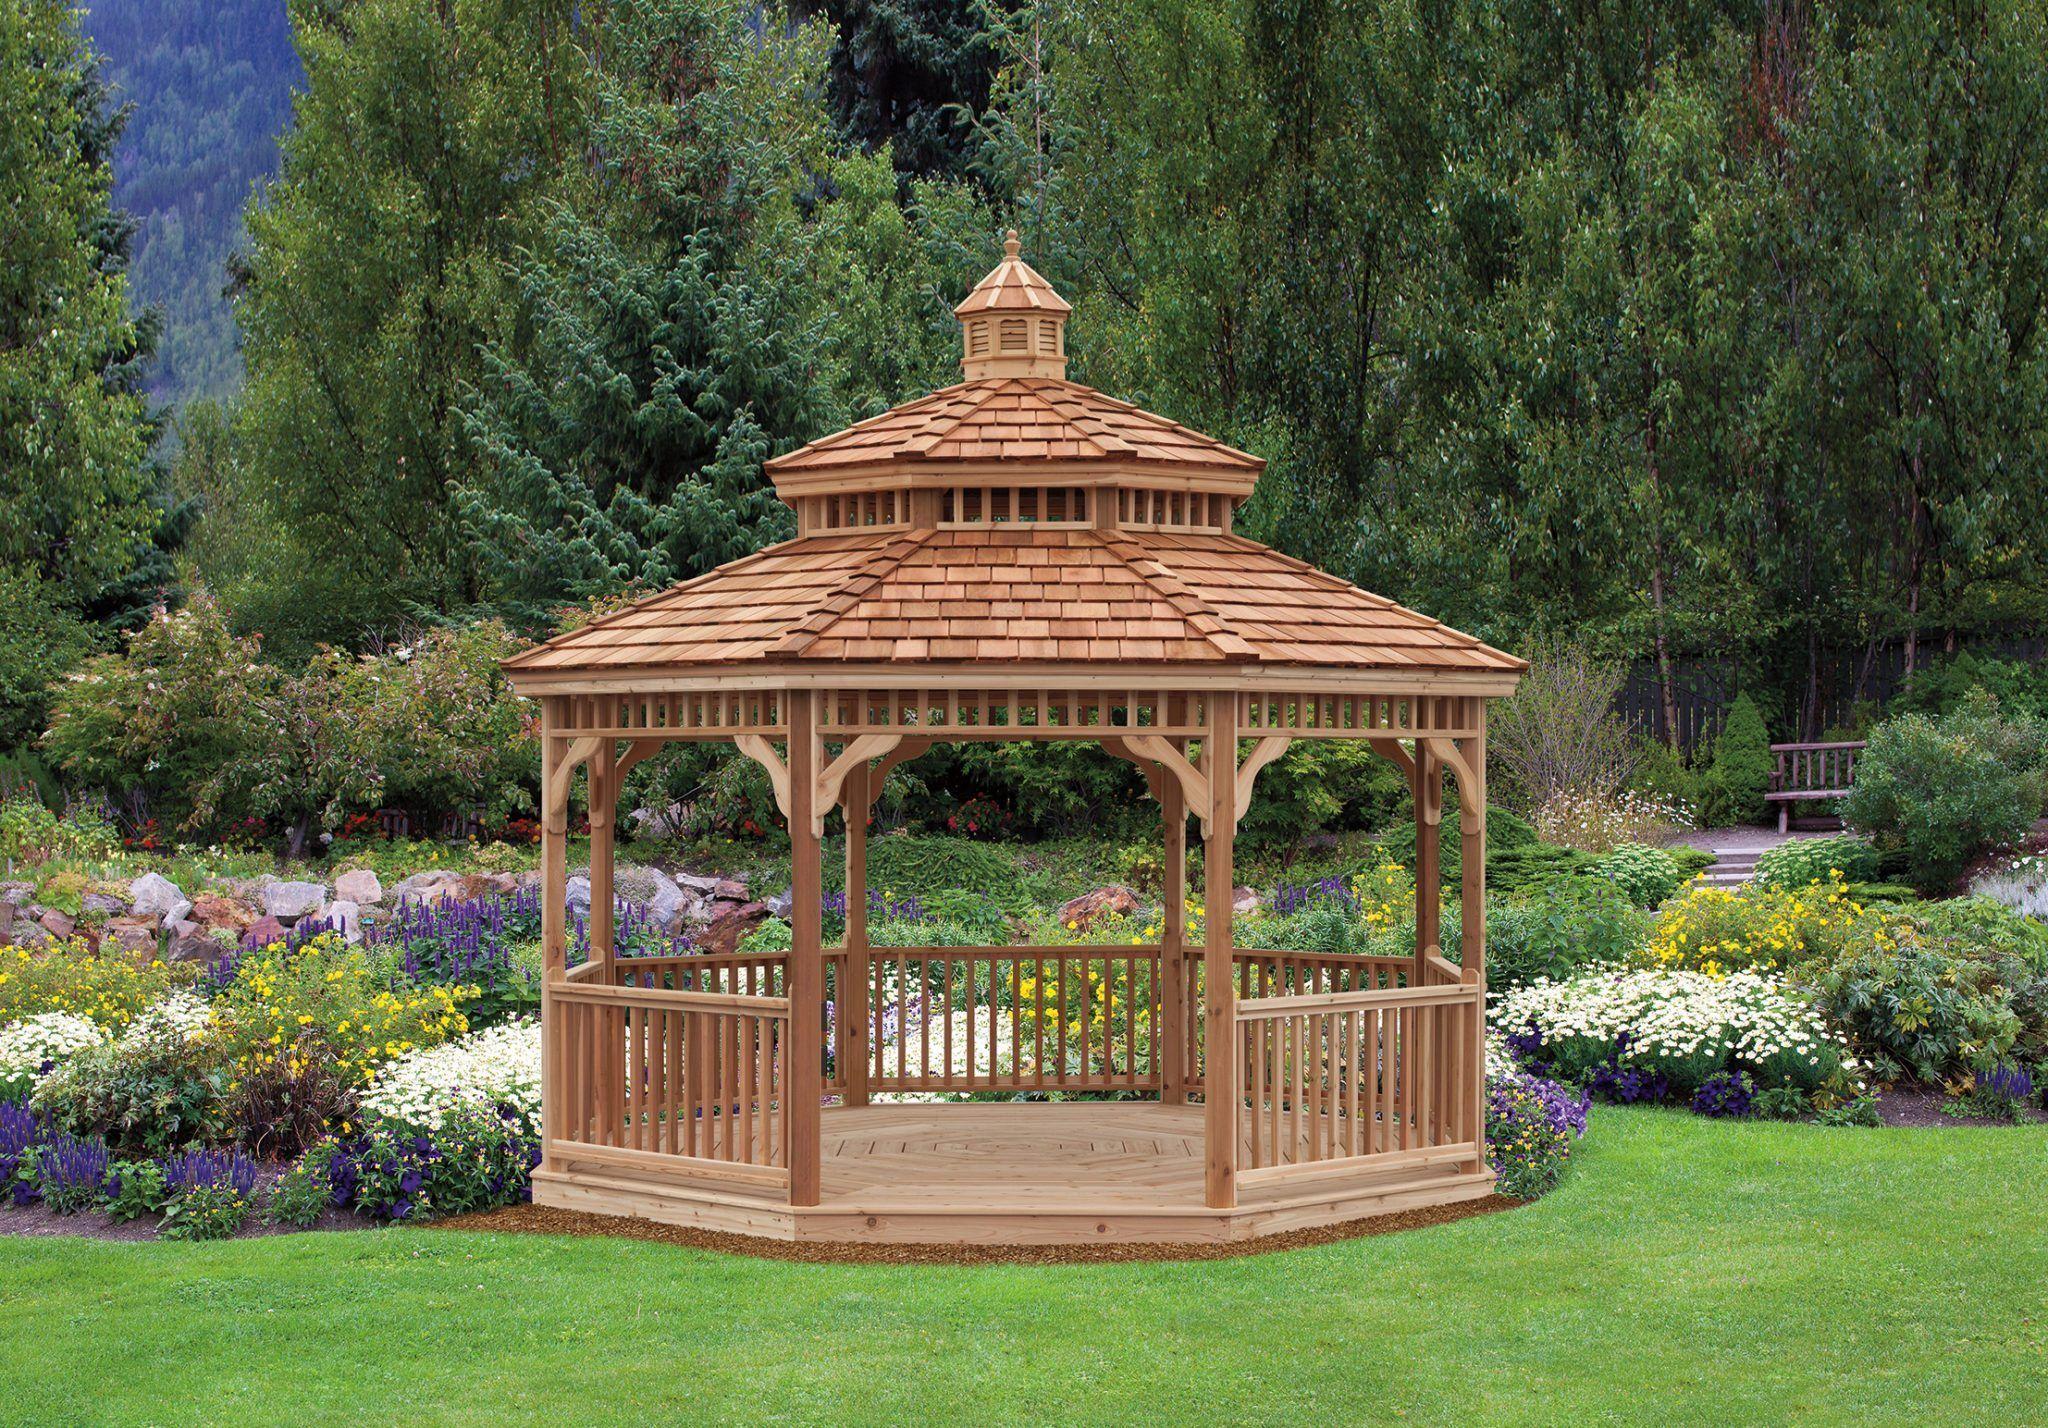 Best Size 14 With Cedar Wood Gazebo Wood Shingles Copper Roof 400 x 300